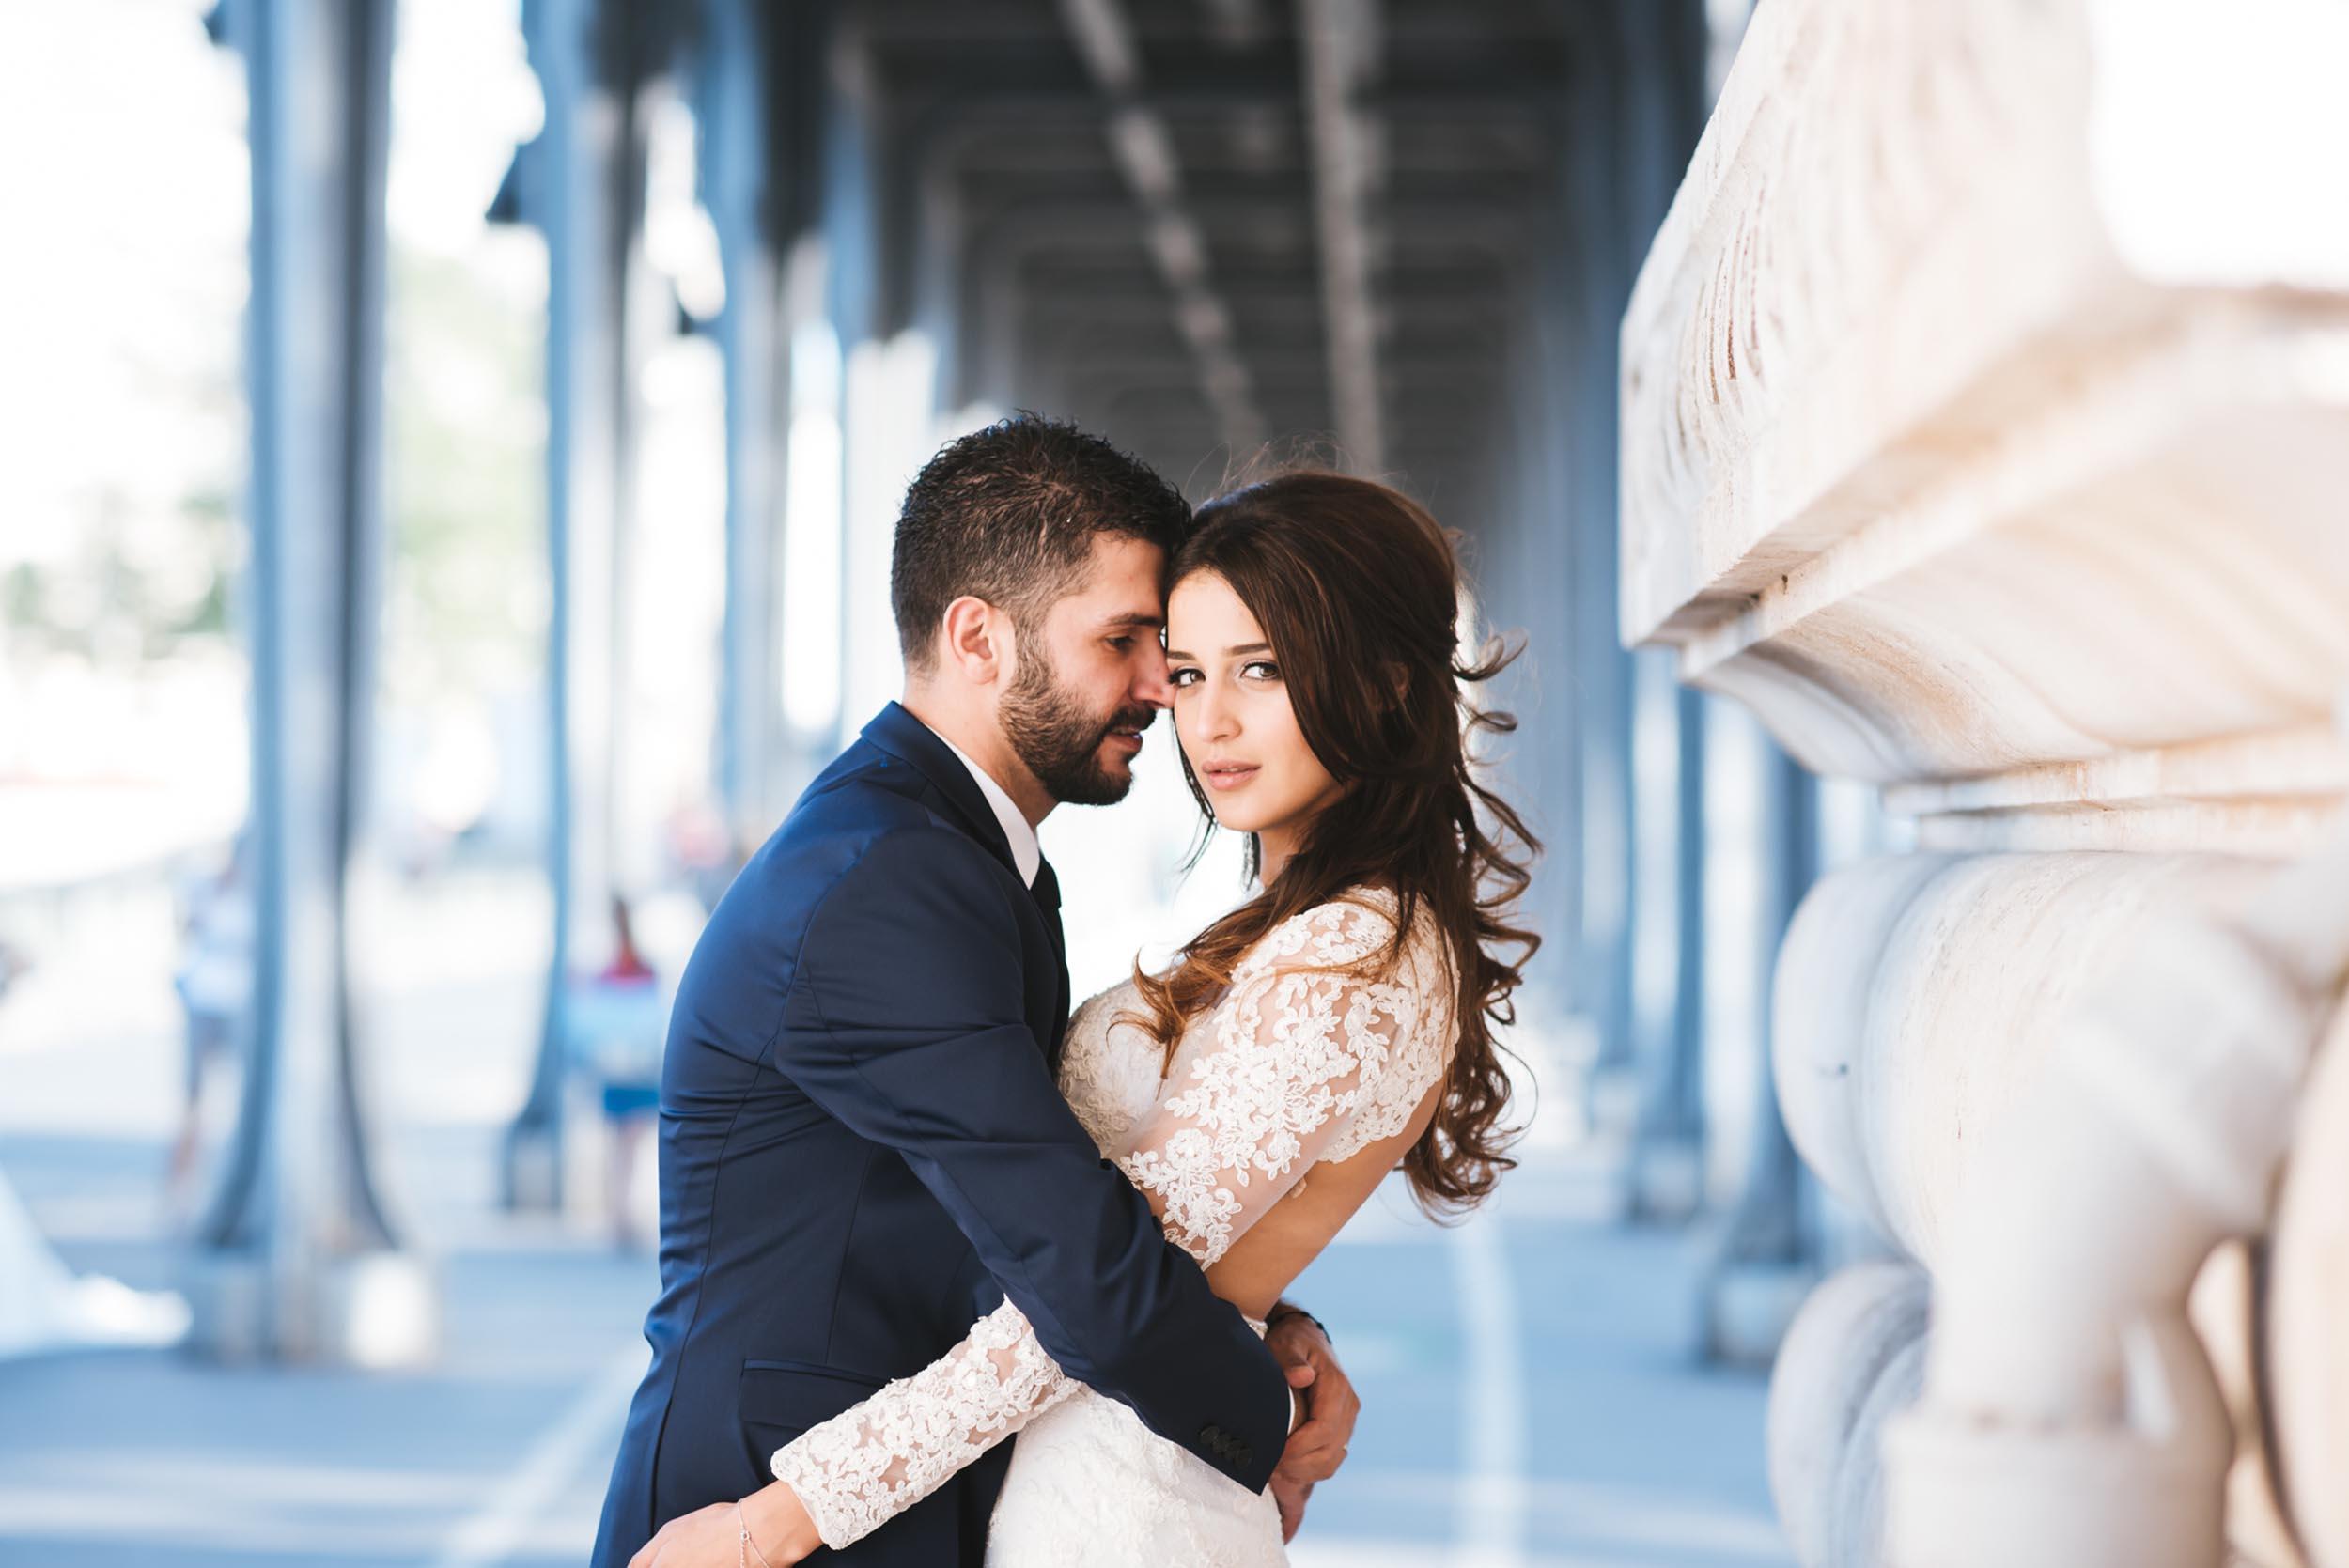 Maldémé photographe de mariage wedding à Paris maldeme photographe mariage wedding paris liban